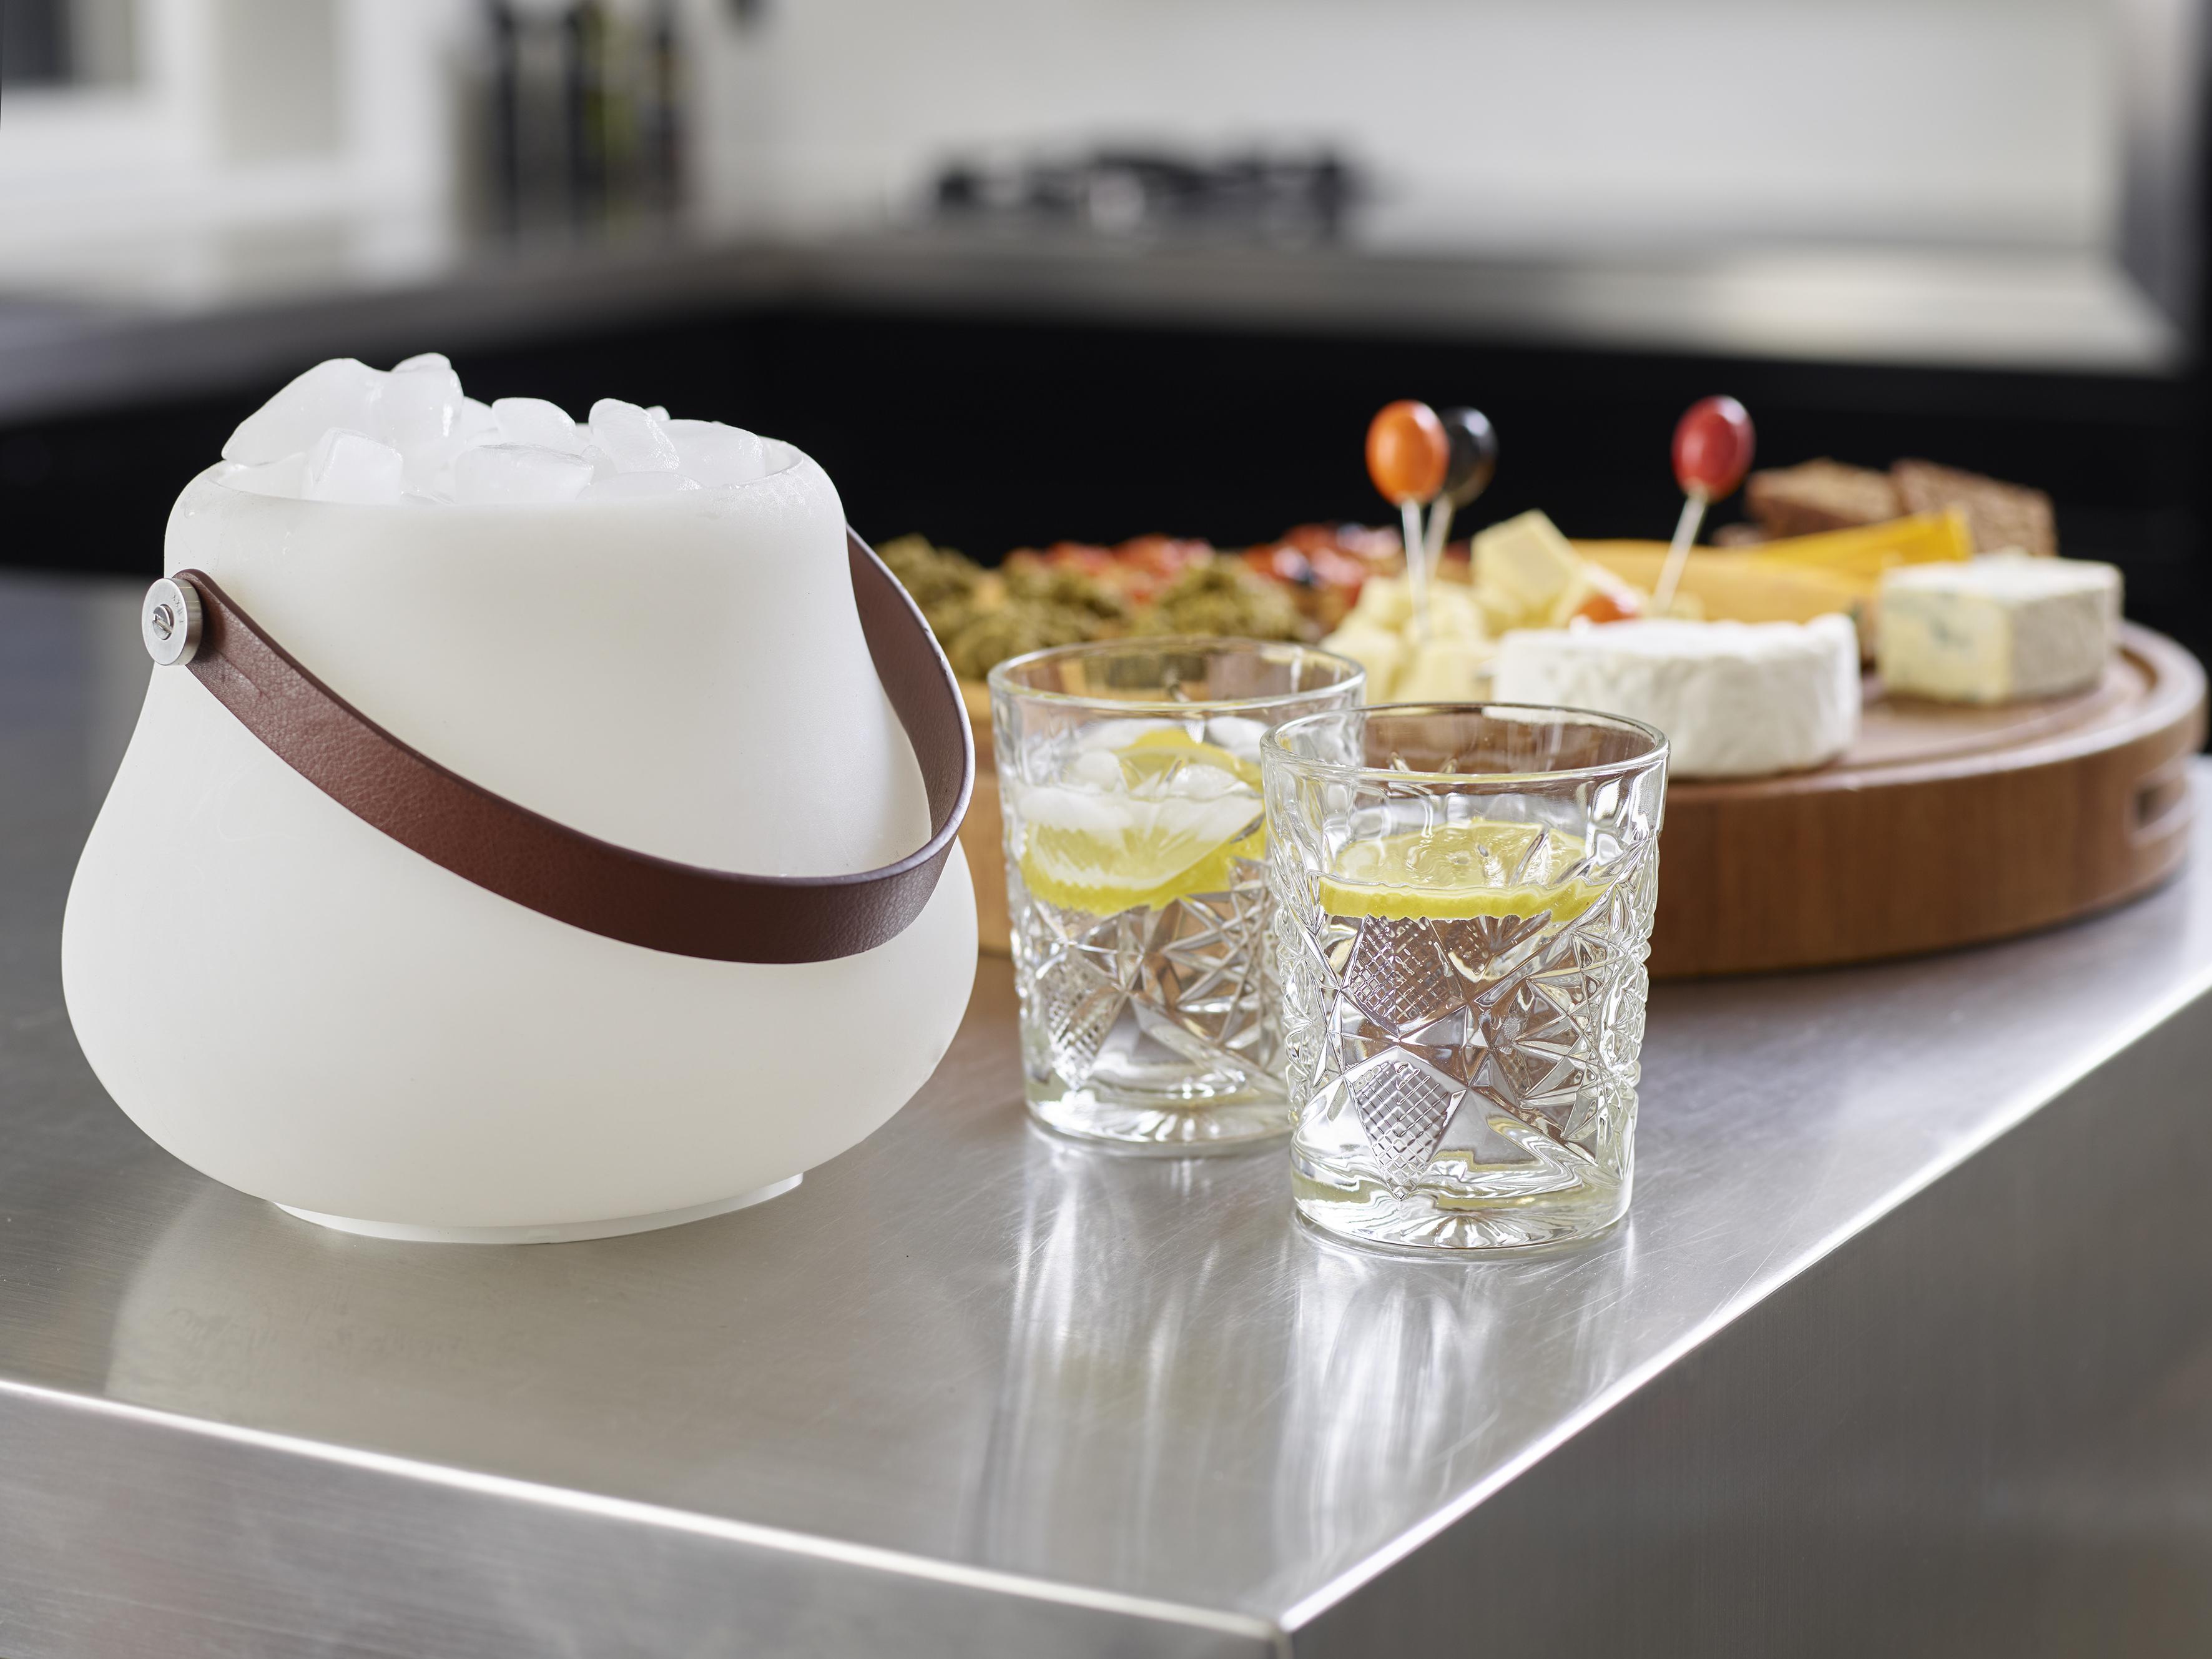 Ein kleiner leuchtender Blumentopf gefüllt mit Eiswürfeln auf der Küchentheke